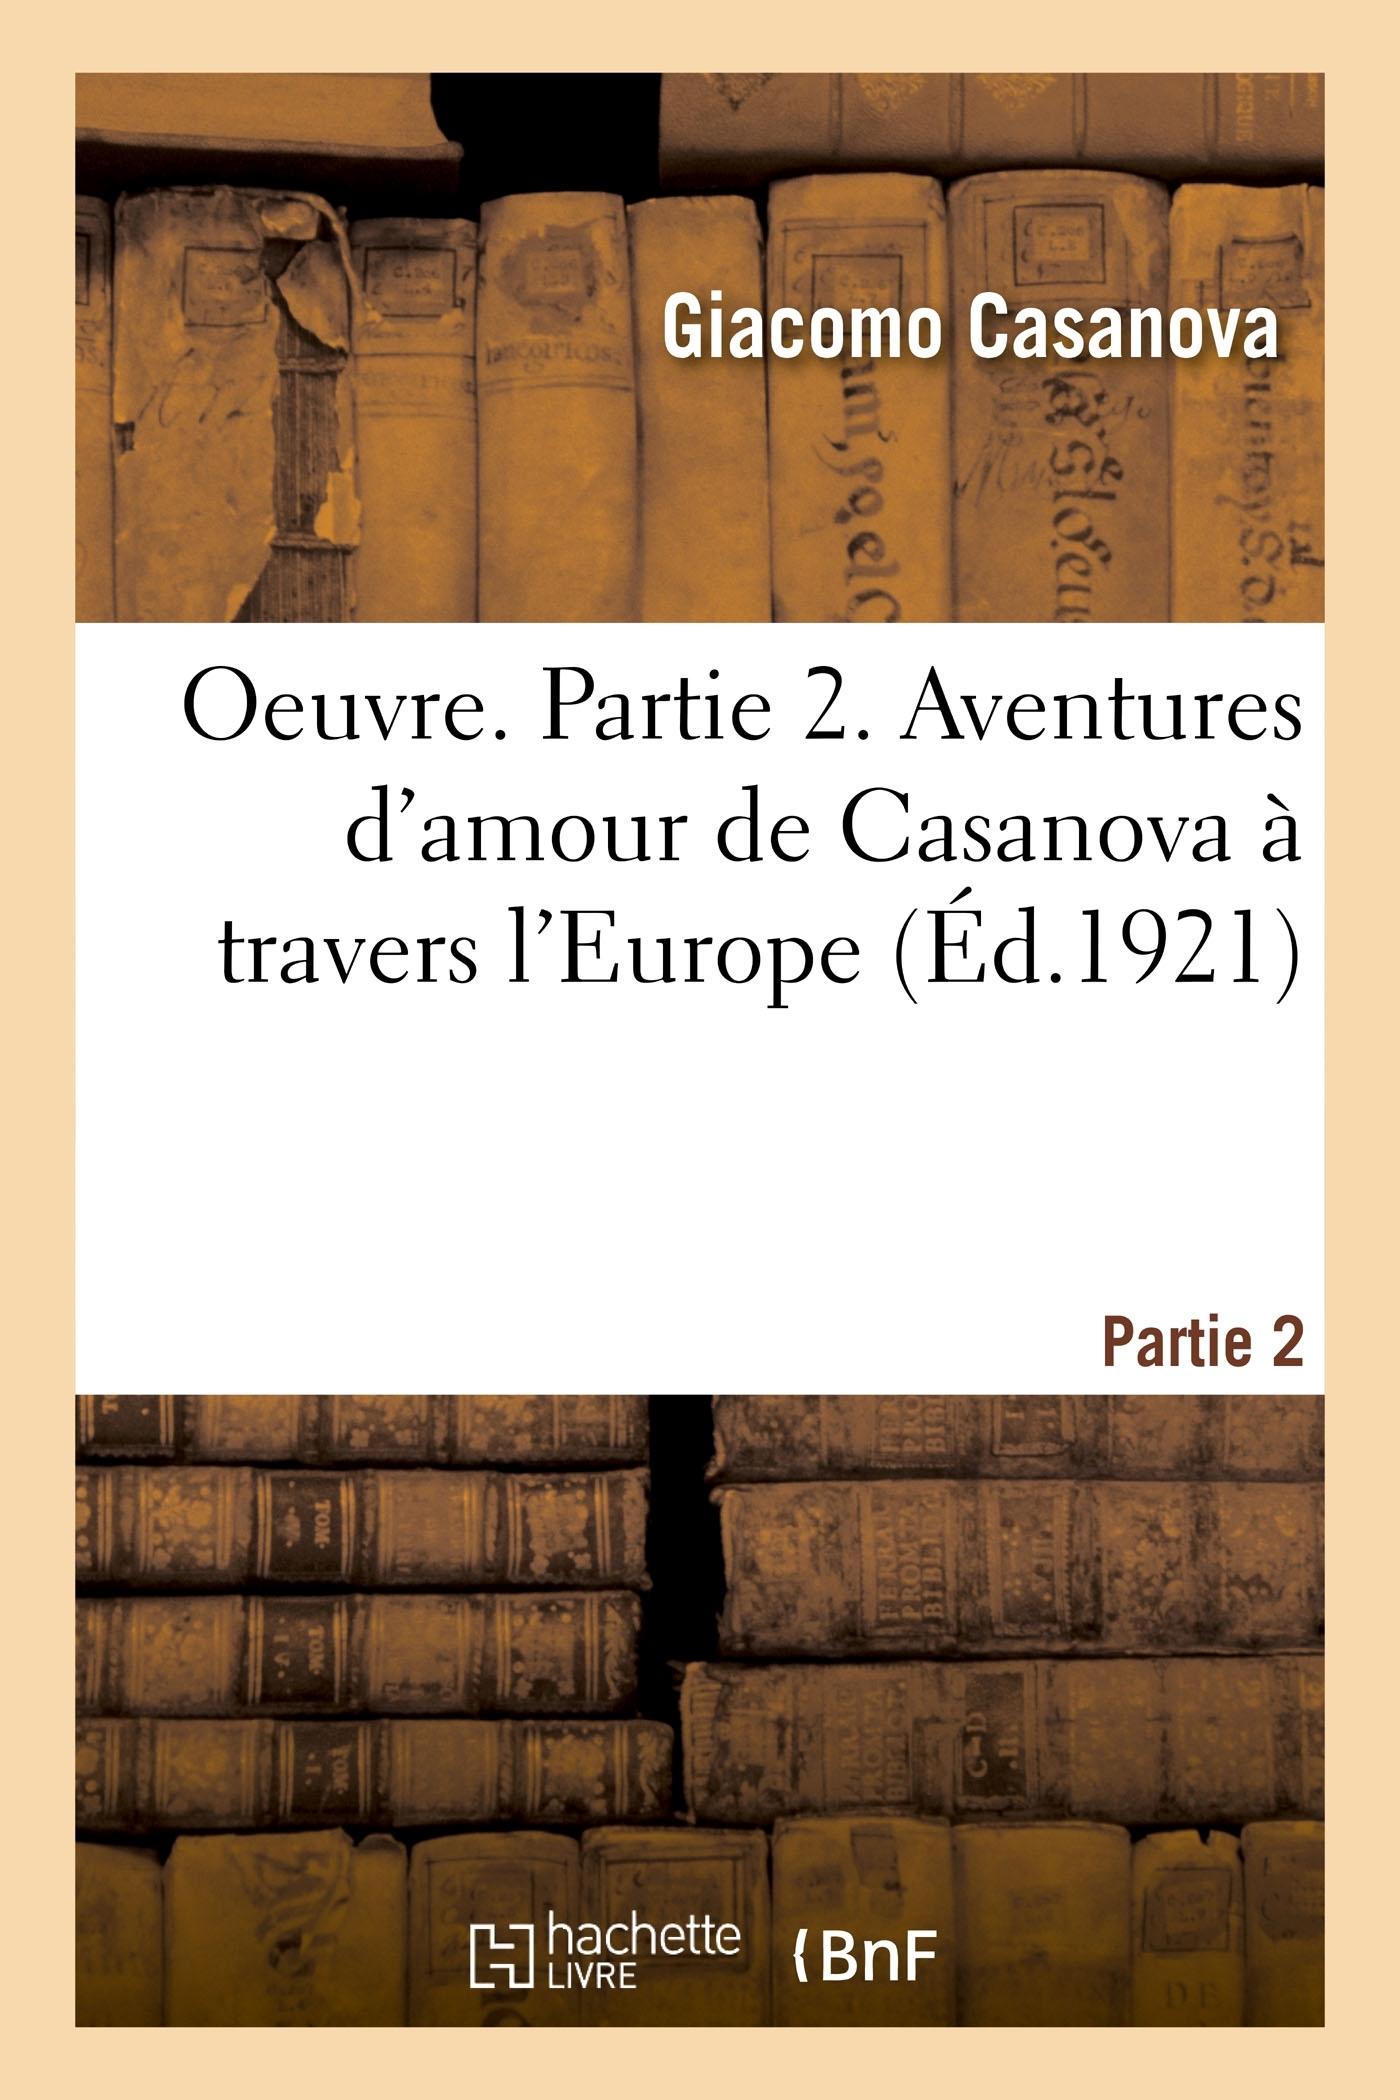 OEUVRE. PARTIE 2. AVENTURES D'AMOUR DE CASANOVA A TRAVERS L'EUROPE